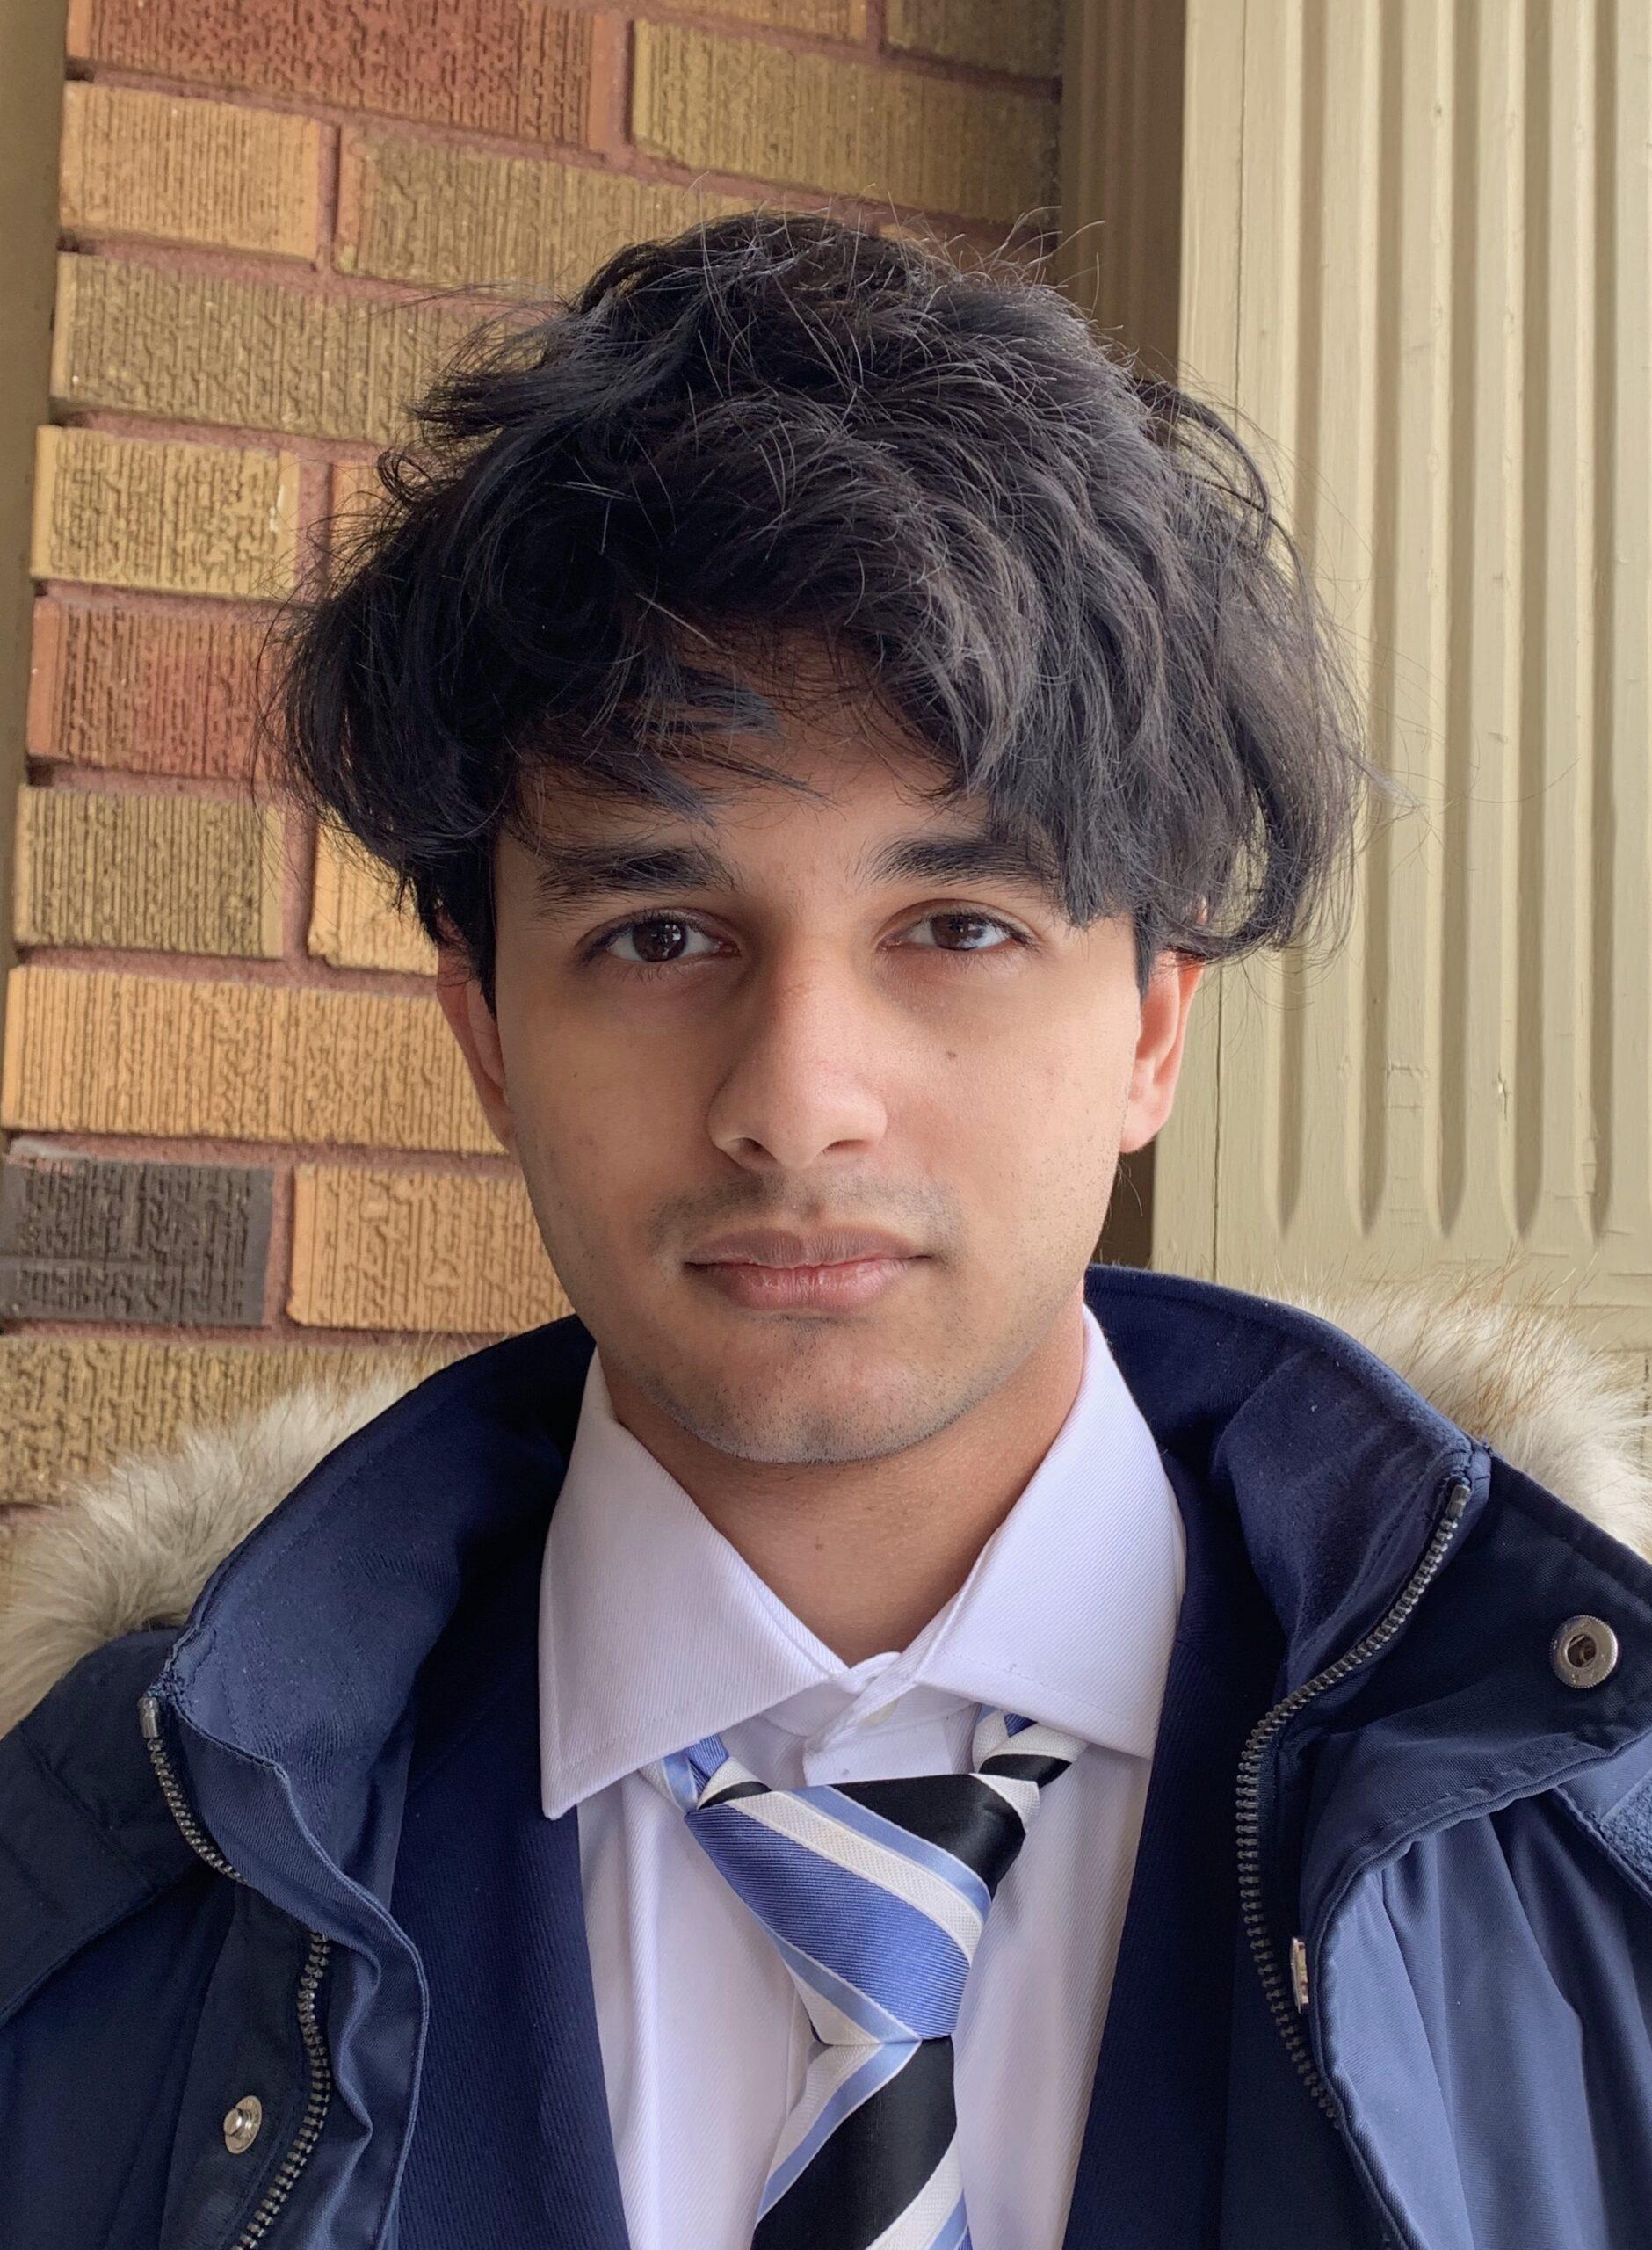 Bilal Khan Headshot